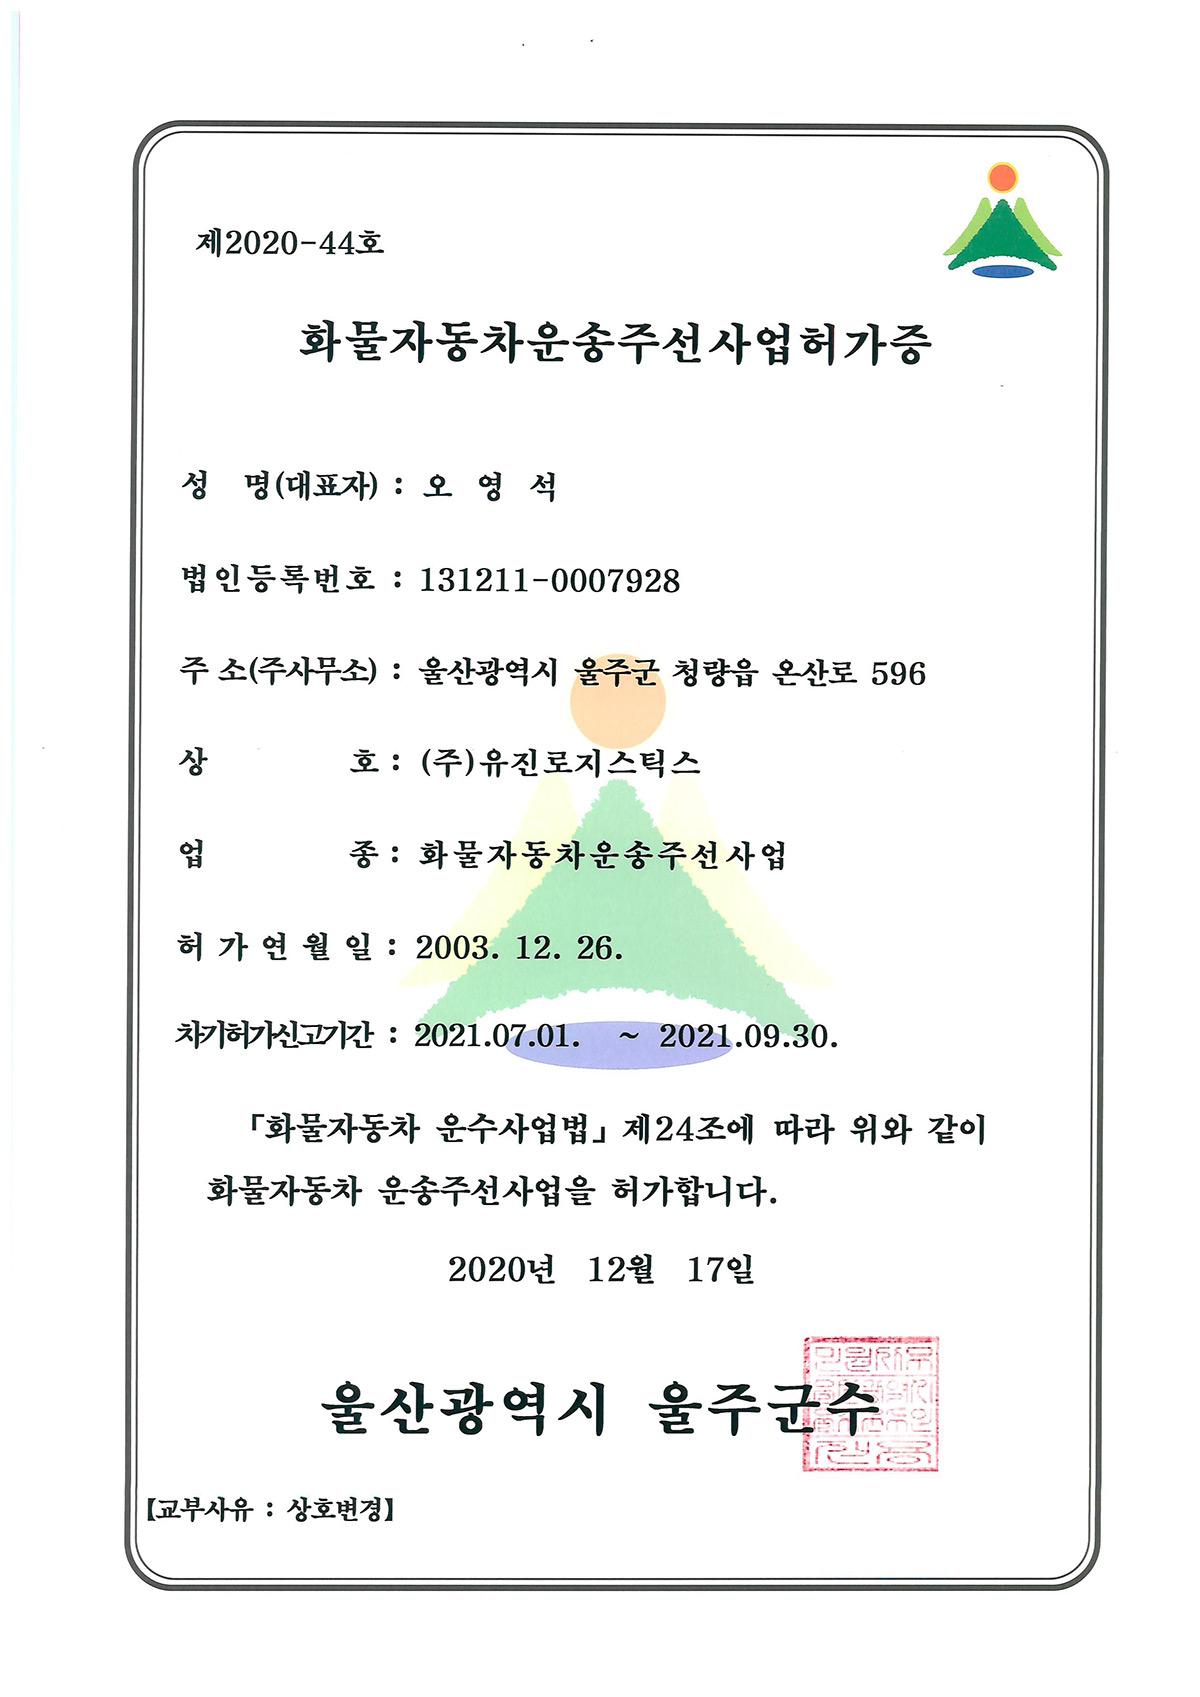 07_유진로지스틱스_울산화물자동차운송주선사업허가증(21.01.07)